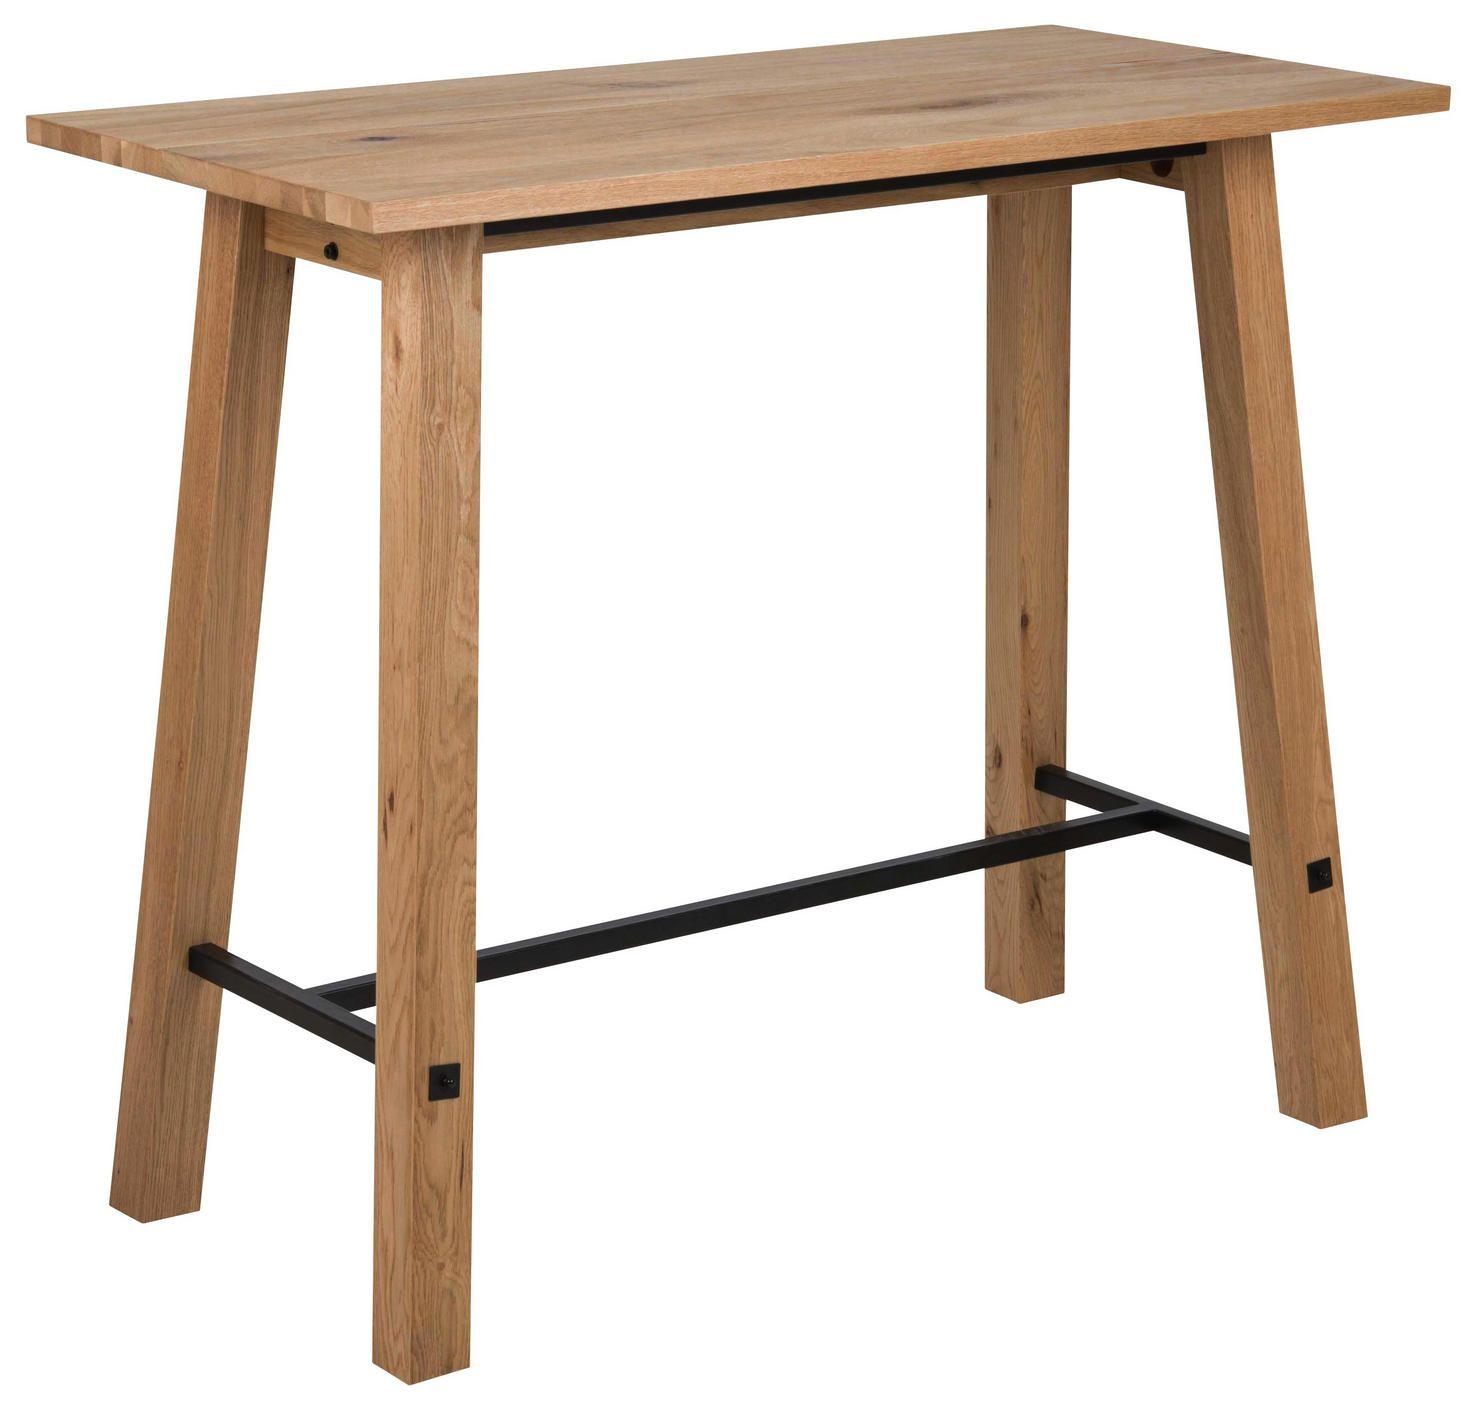 Bartisch In Holz Metall 120 60 105 Cm Bartisch Stehtisch Und